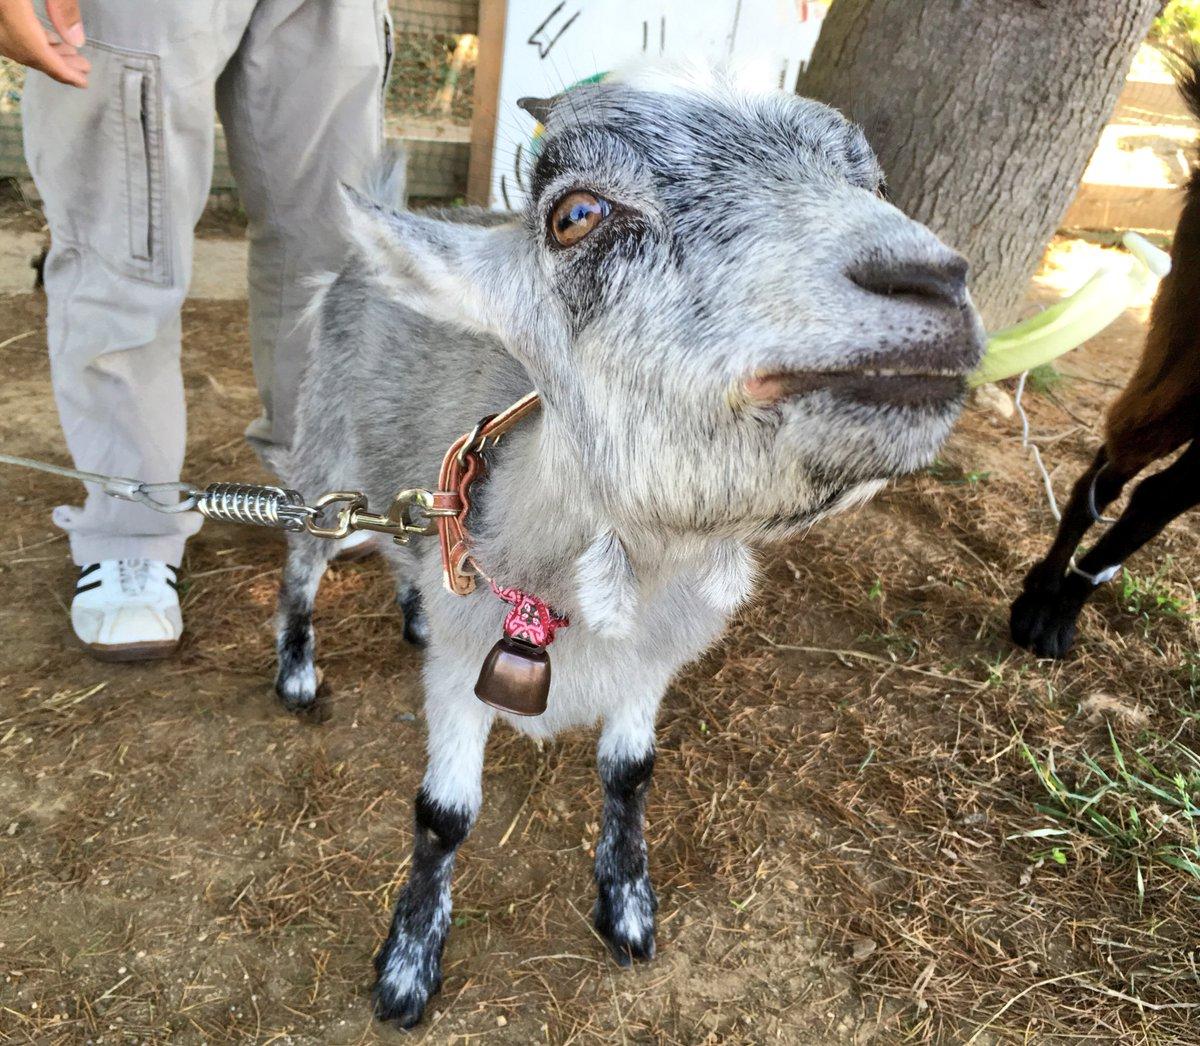 東北工大のミニマドンナきなこがヤギプロジェクトを卒業し、山形県のあおぞら幼稚園へと出発しました☀️  あん子とくろみつも別れを惜しんでたくさん鳴いていました😢😢 きなこ、向こうでもお幸せに...😭